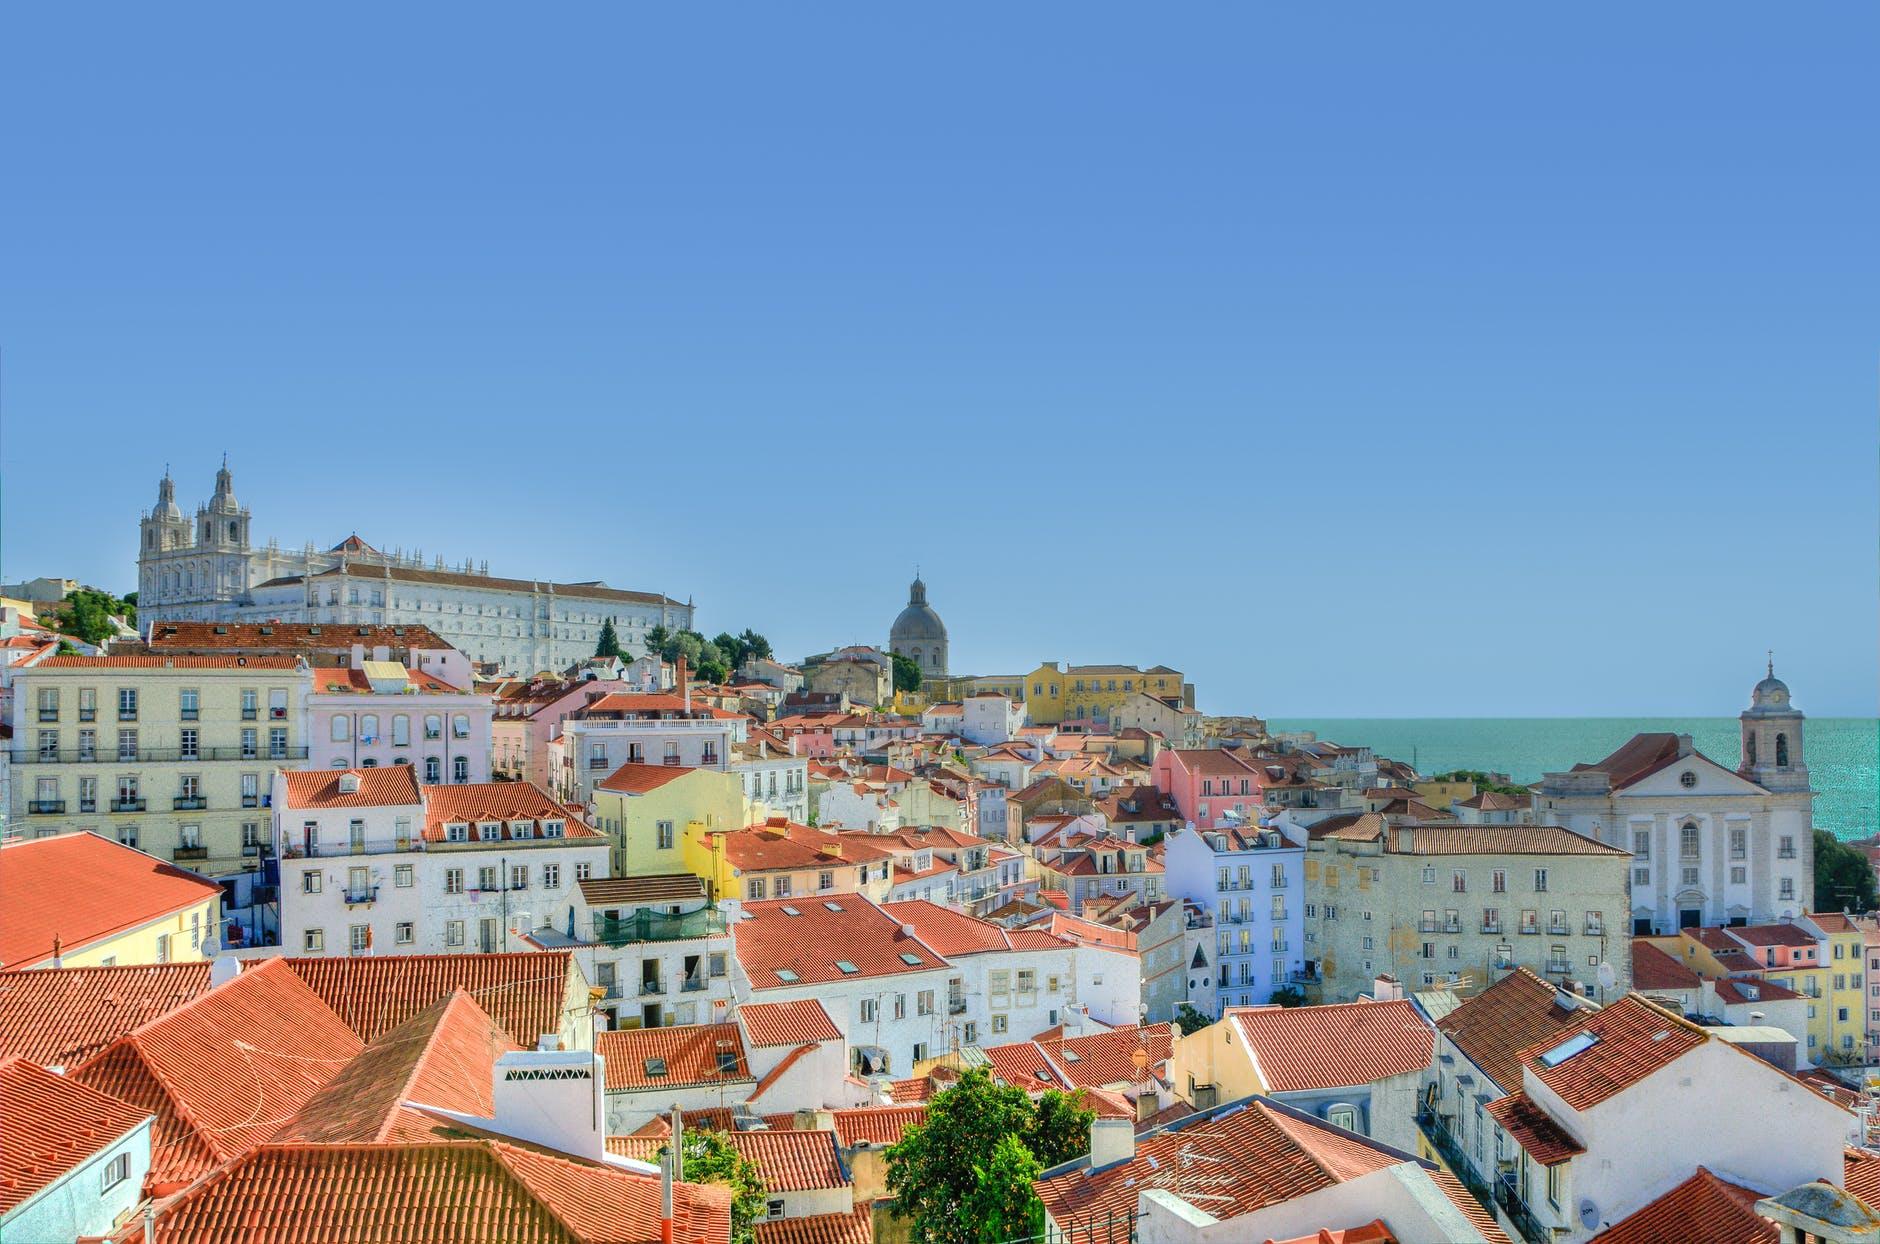 Помимо всех преимуществ португальского паспорта для путешествий и бизнеса, еще стоит отметить высокий уровень жизни и приятный климат в самой стране